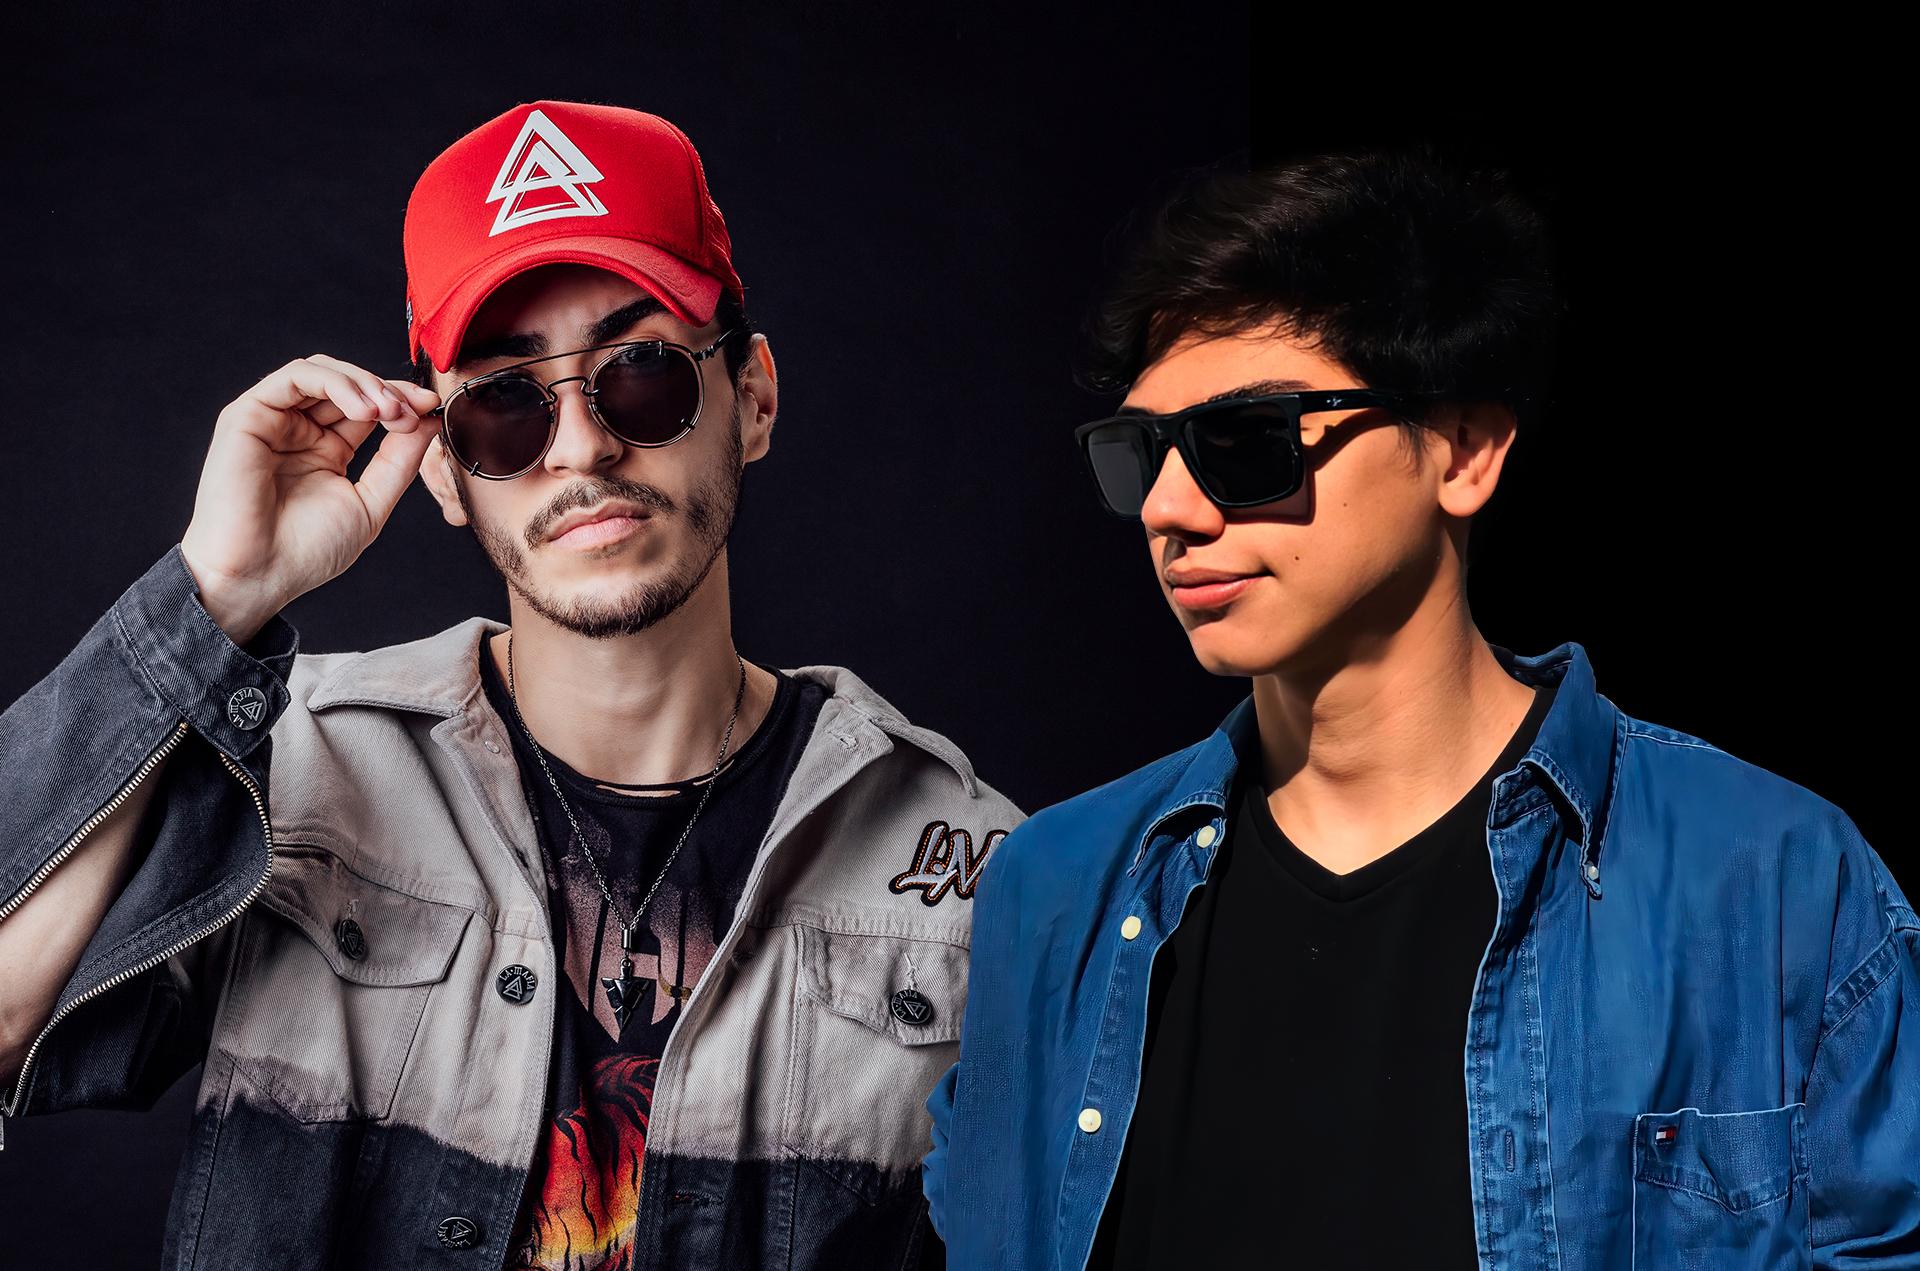 Novos talentos nacionais VYERA e SEARTX se unem para a track Kith Me High' na Vibez Sounds